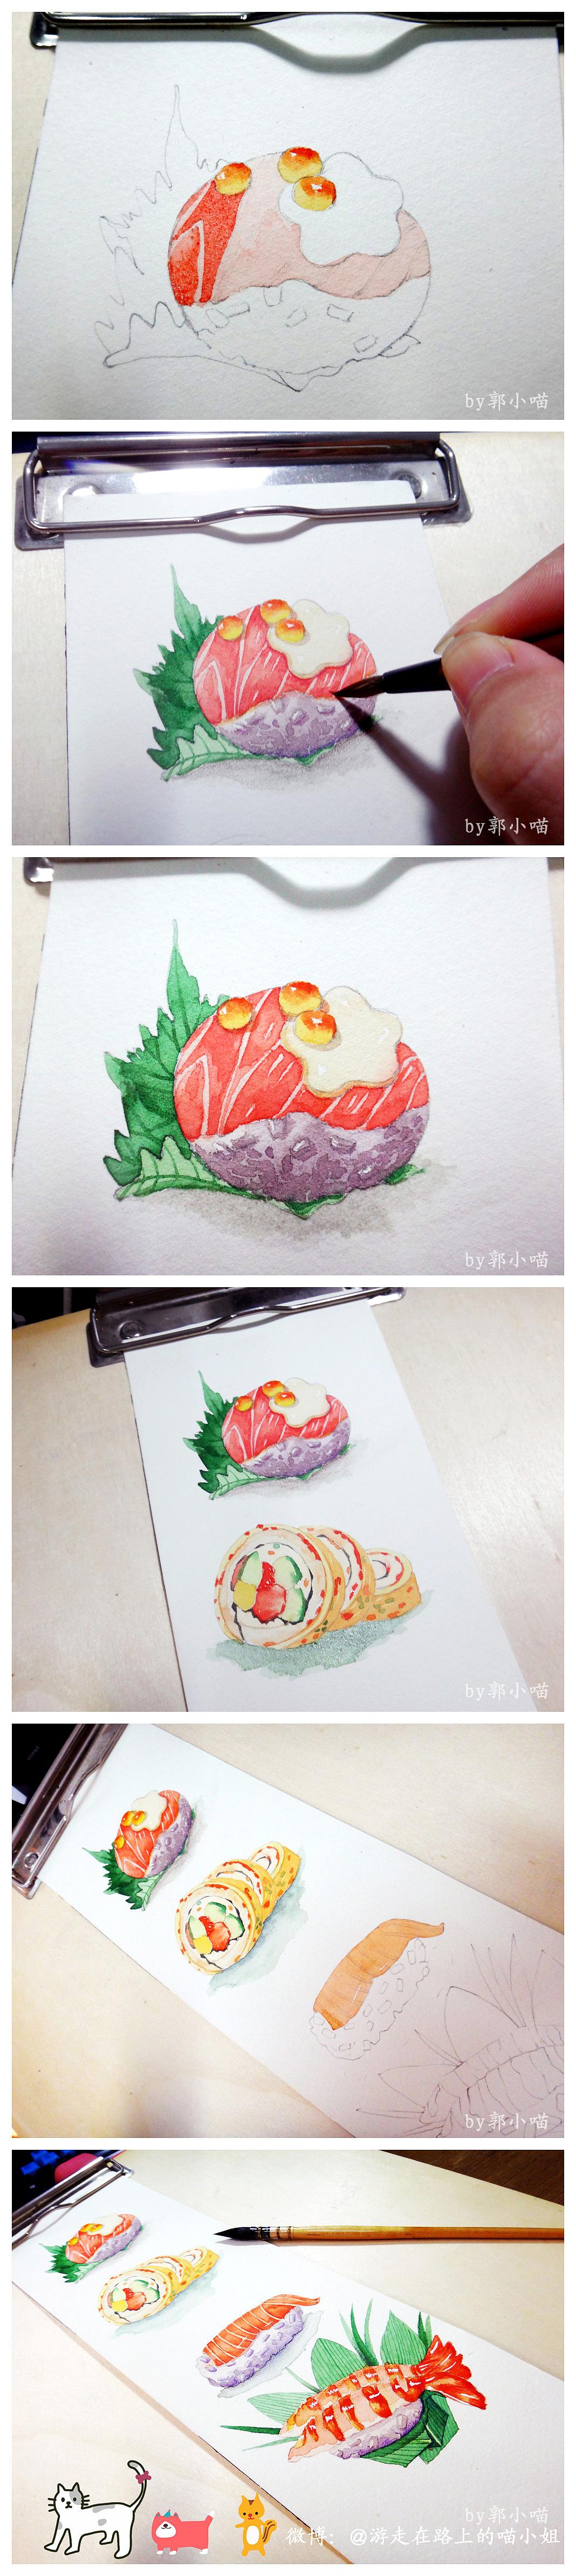 手绘水彩寿司君小过程